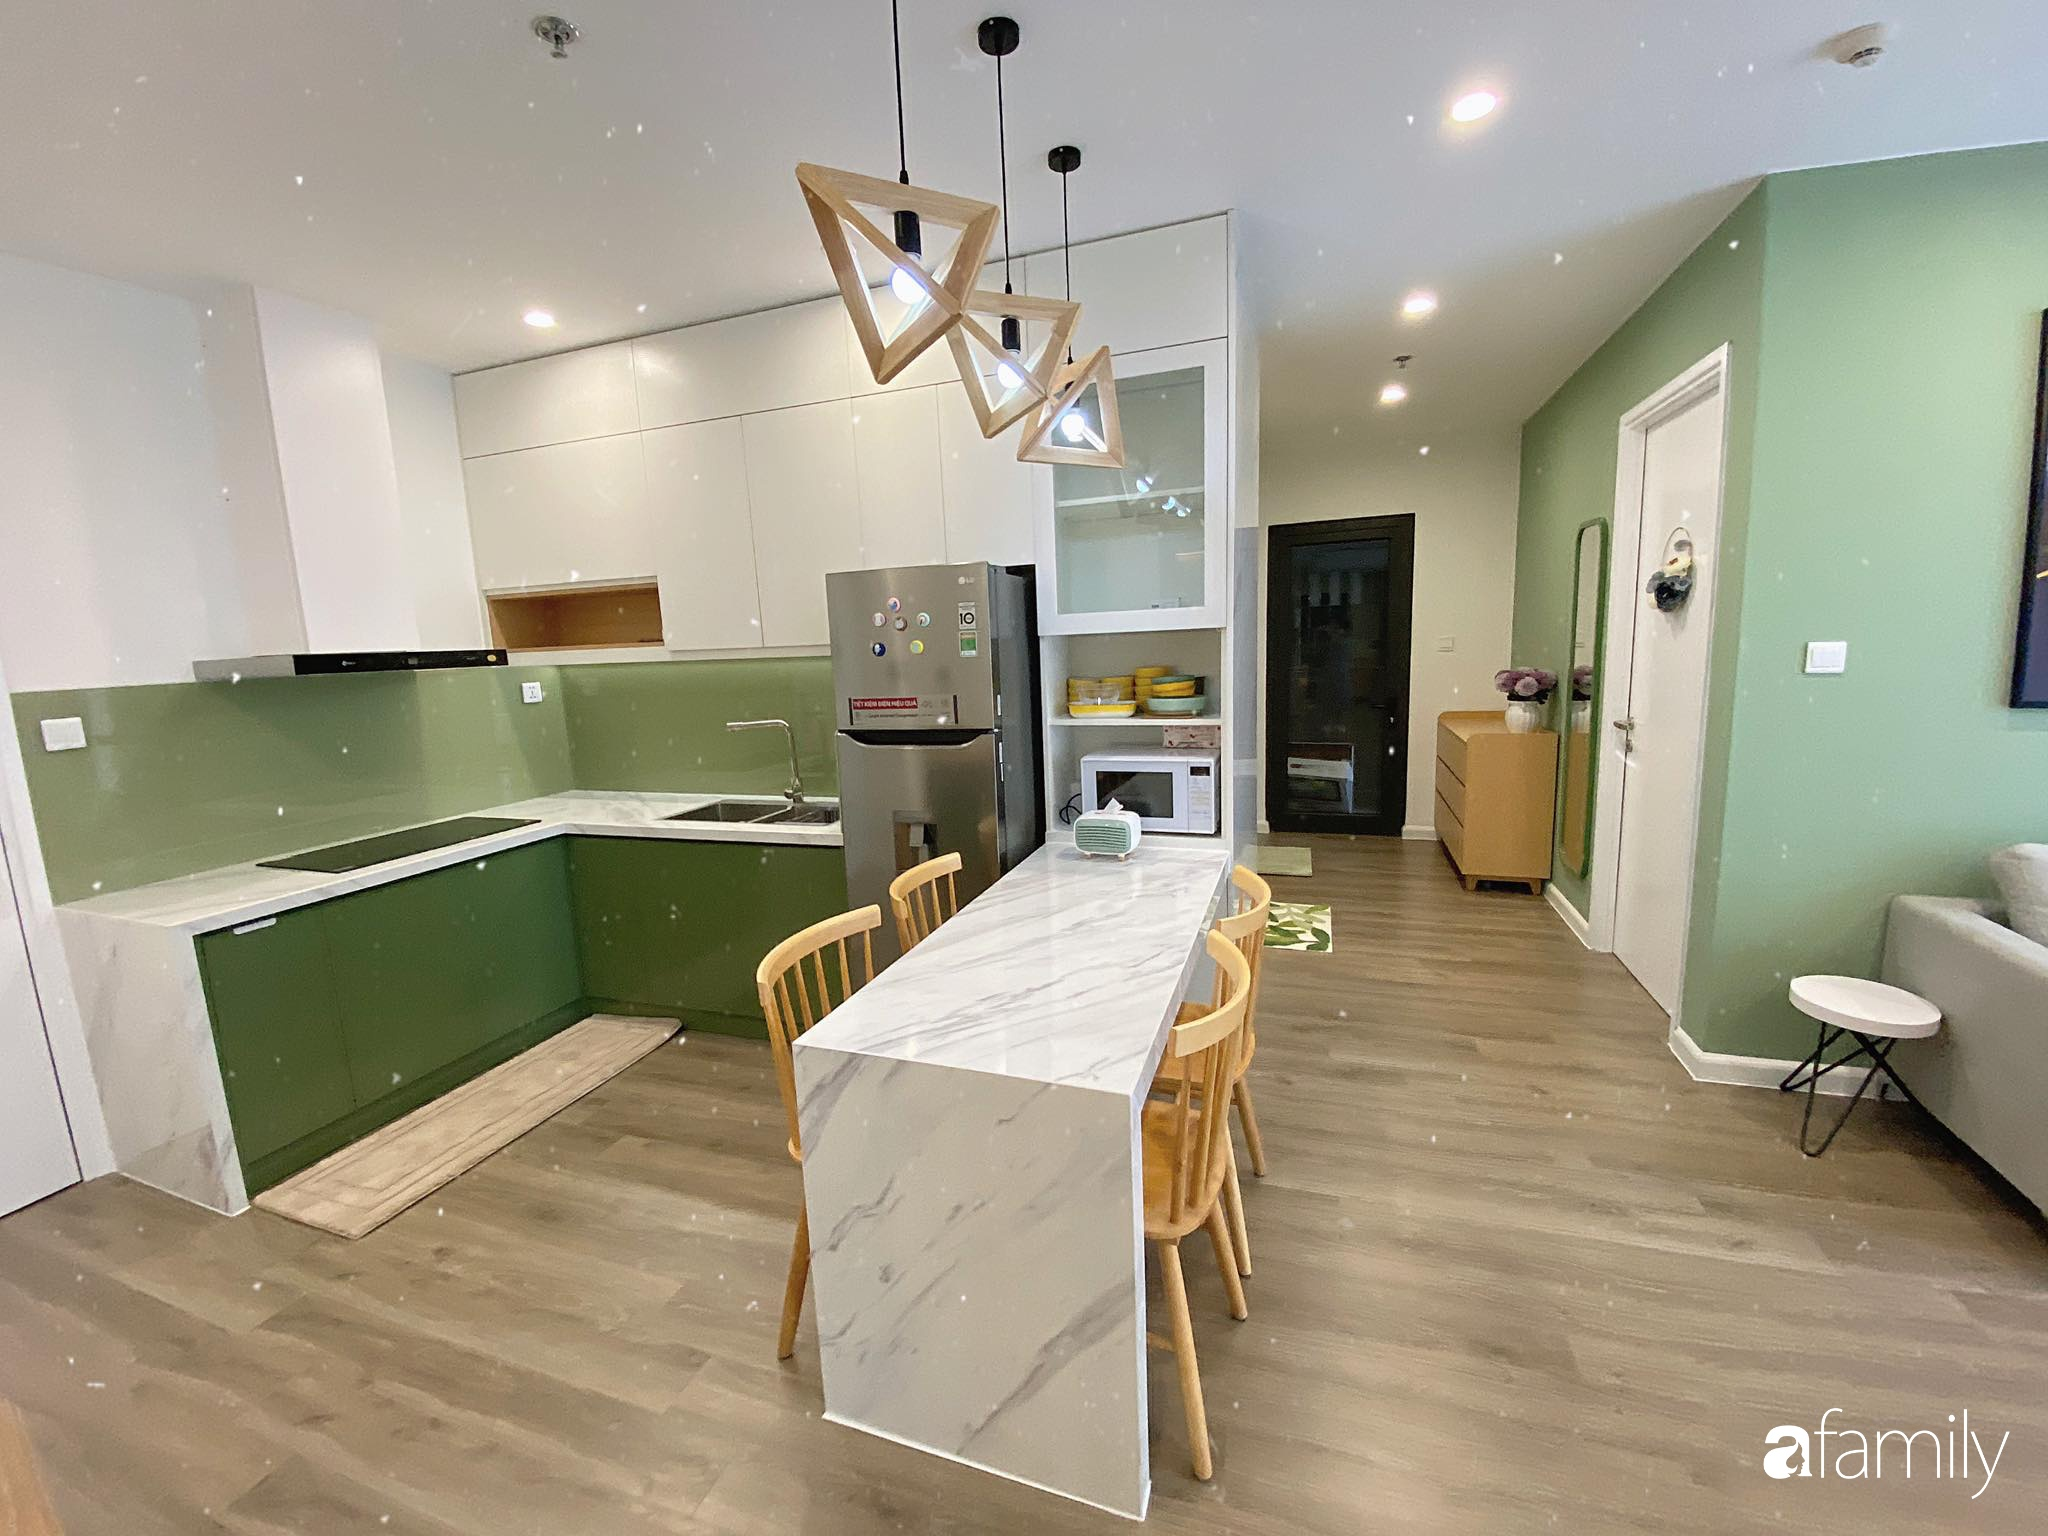 Căn hộ 59m² màu xanh lá xua tan nóng bức mùa hè có chi phí hoàn thiện 225 triệu đồng ở Hà Nội - Ảnh 11.